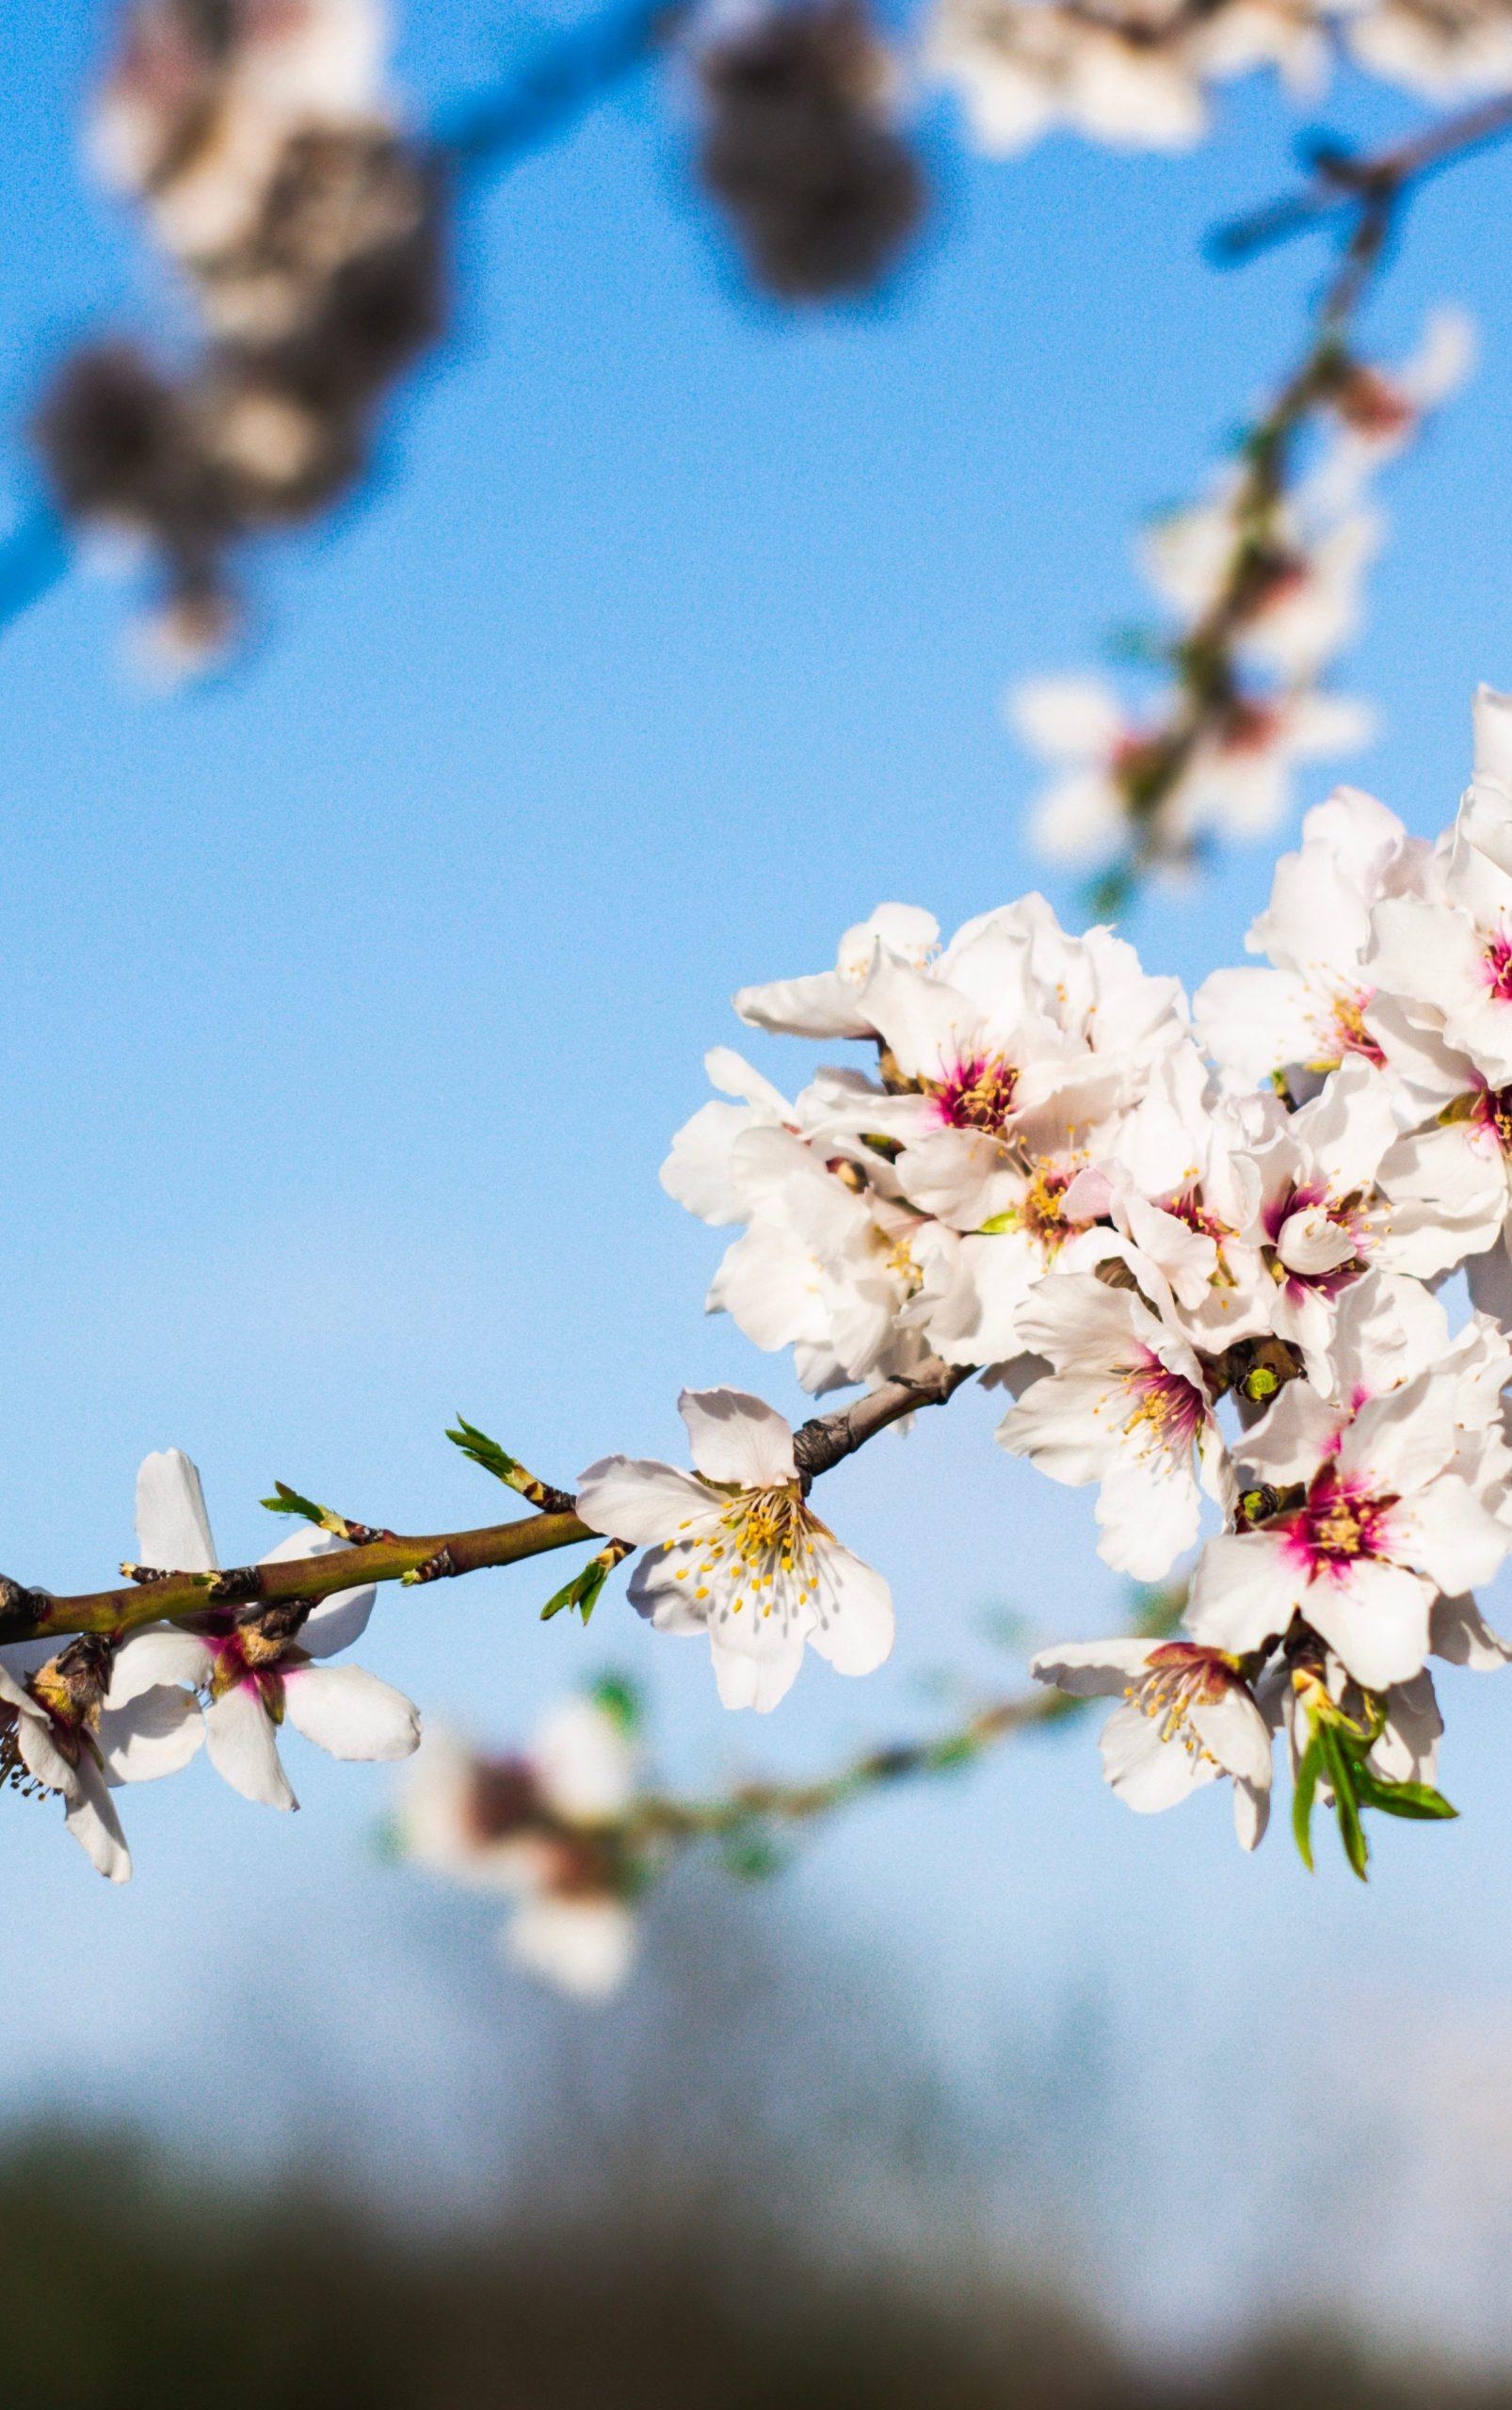 Mandelblüten vor blauem Himmel